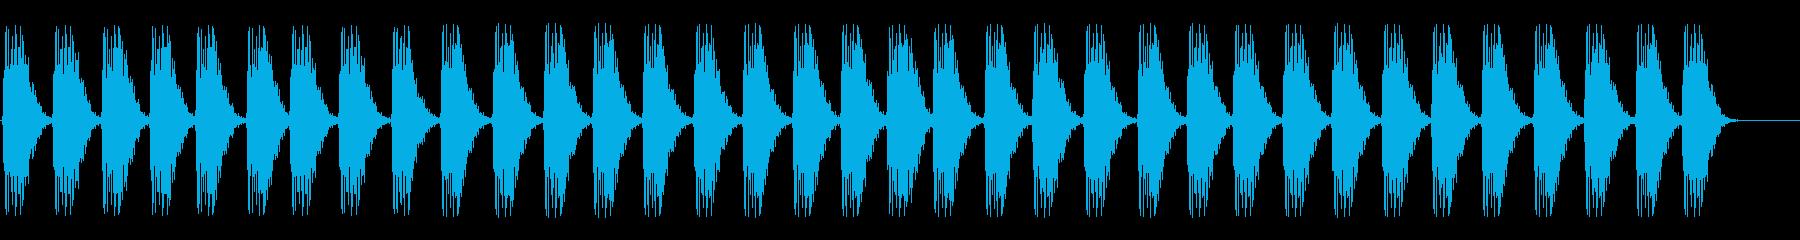 サブウーファー;複数のダークハート...の再生済みの波形